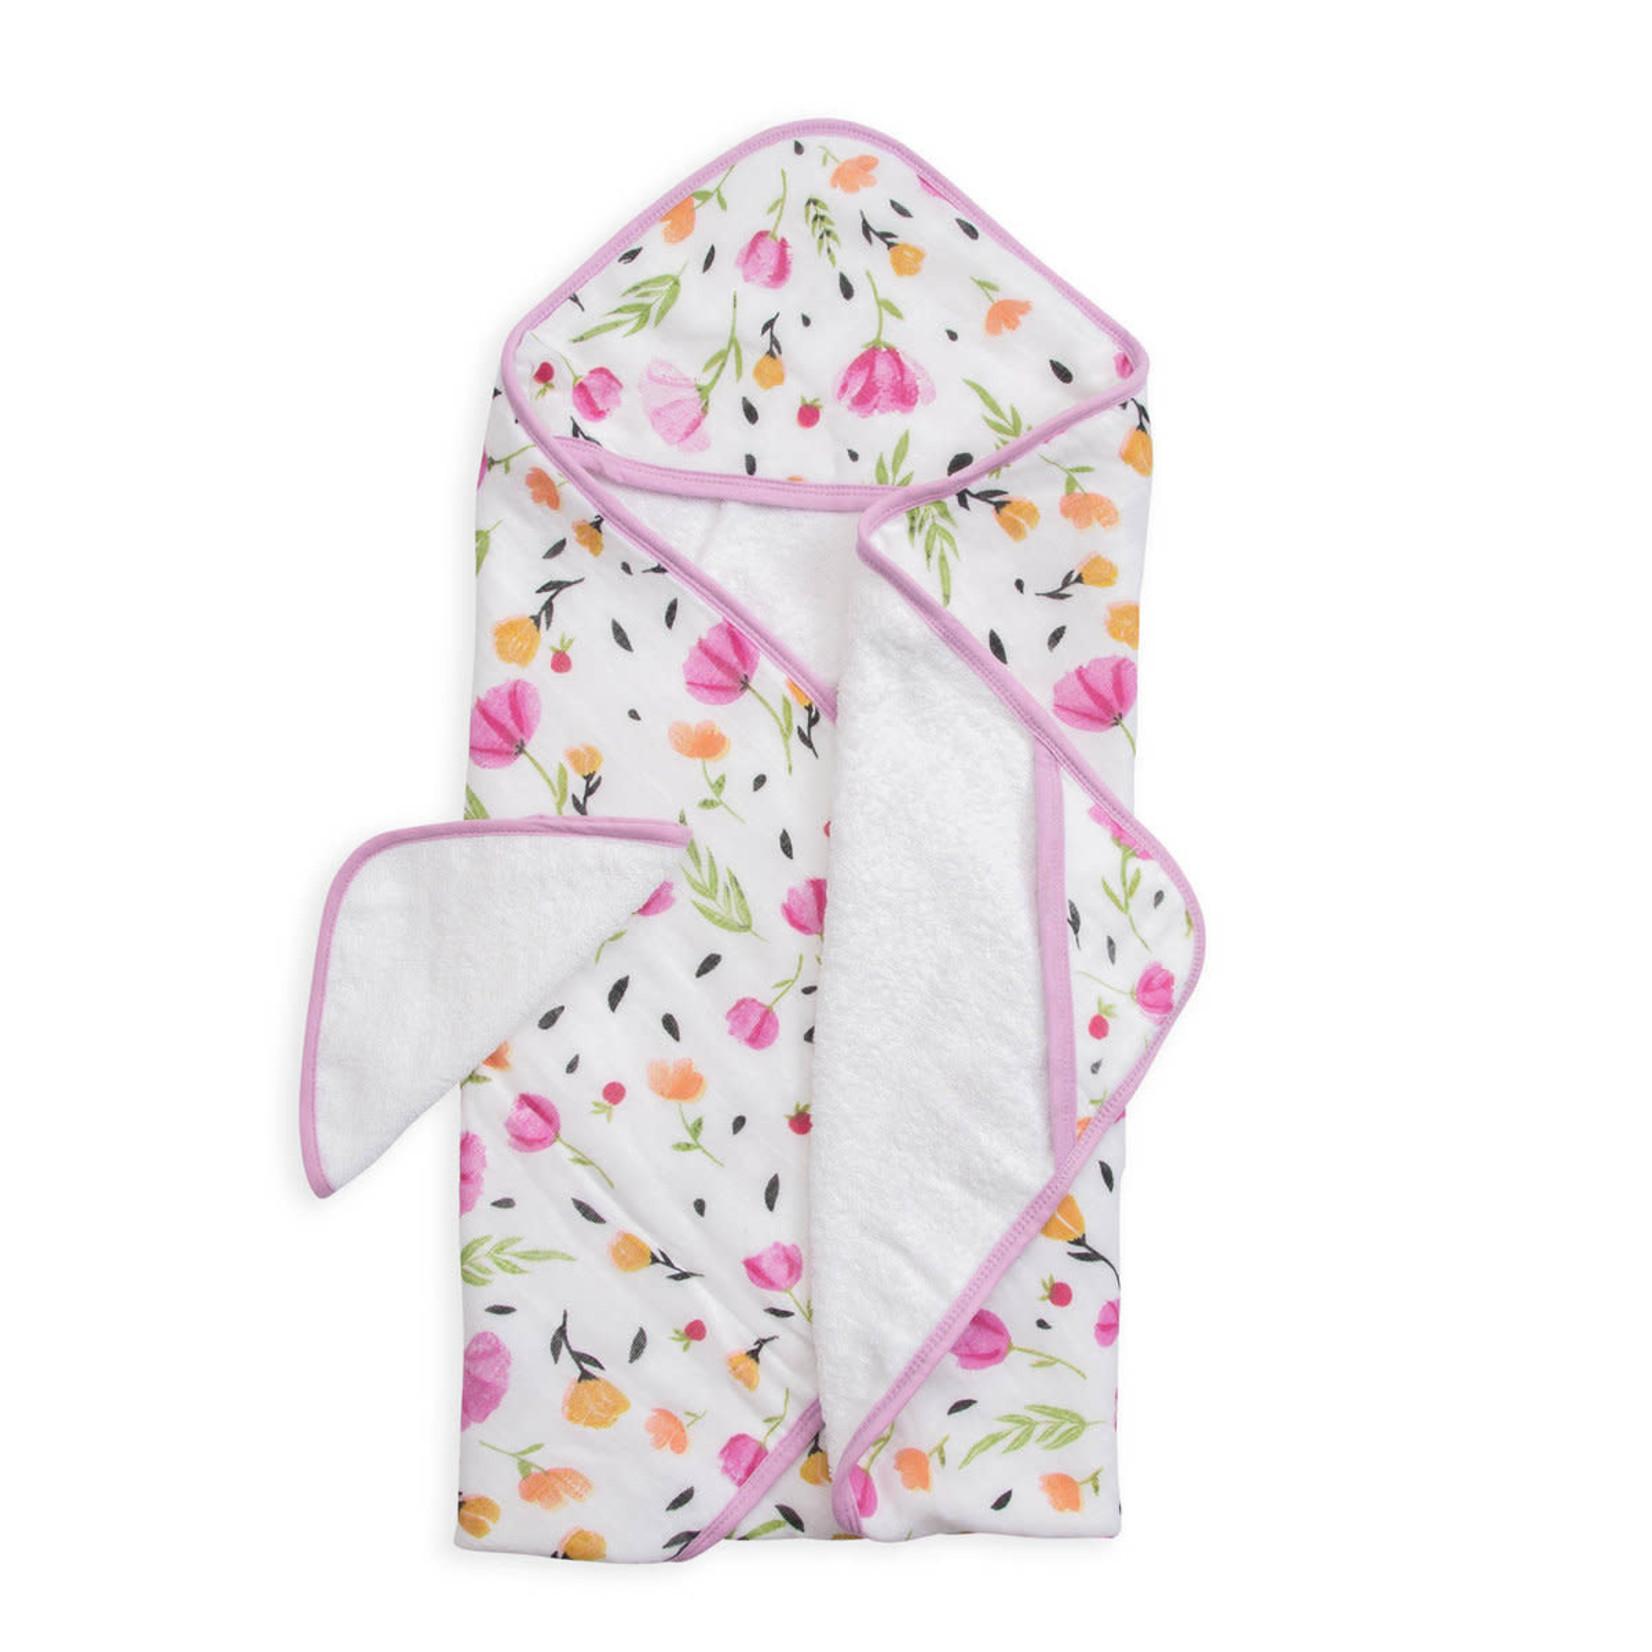 Little unicorn Ensemble serviette de bain - Berry & bloom